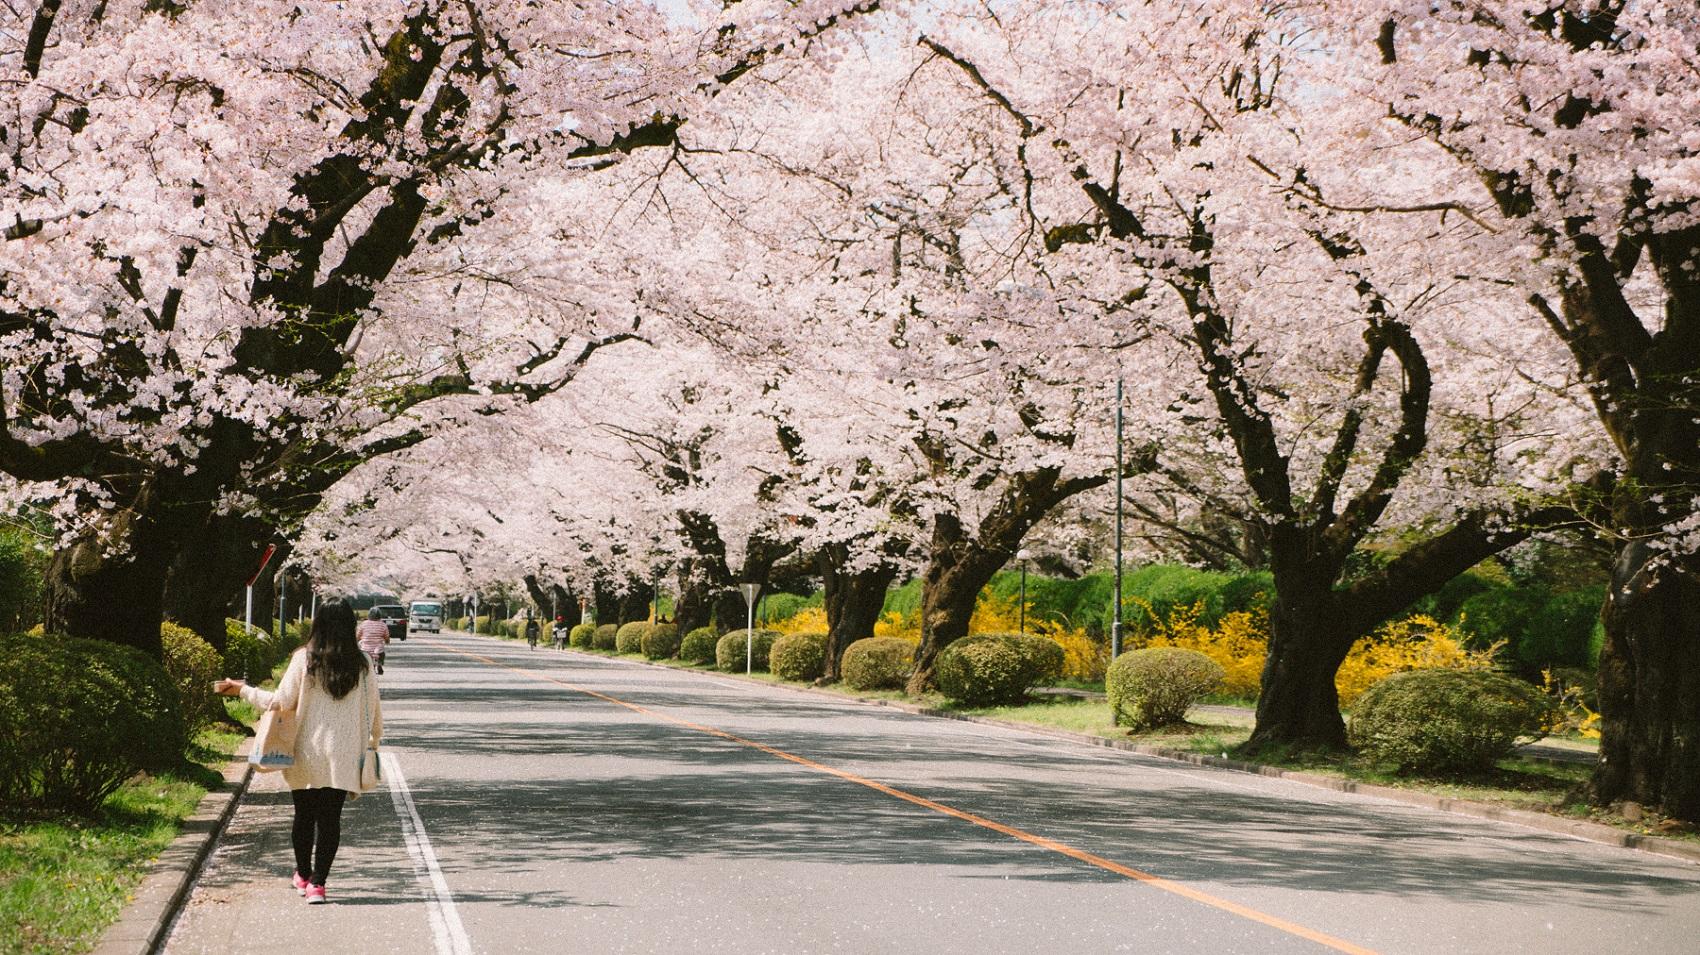 Japonia w kwietniu - kiedy kwitnące wiśnie